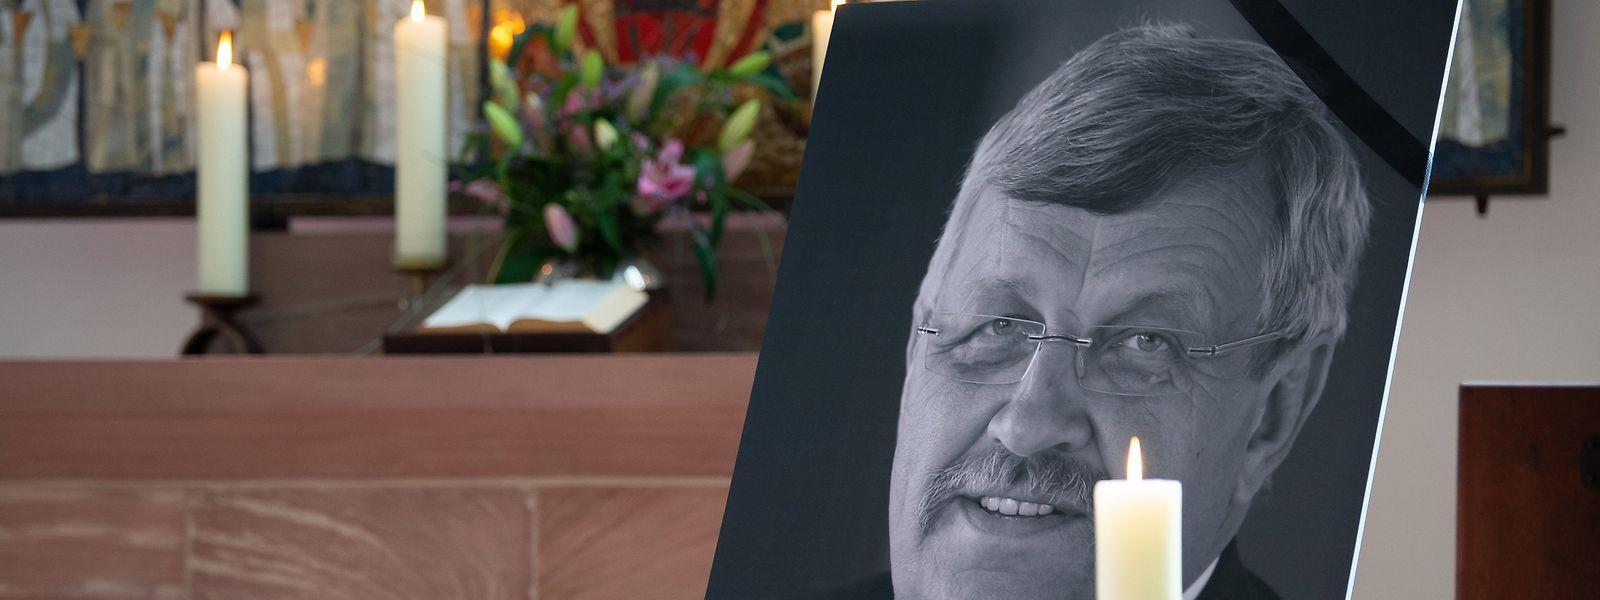 Der Kasseler Regierungspräsident Walter Lübcke (CDU) wurde am 2. Juni 2019 erschossen.